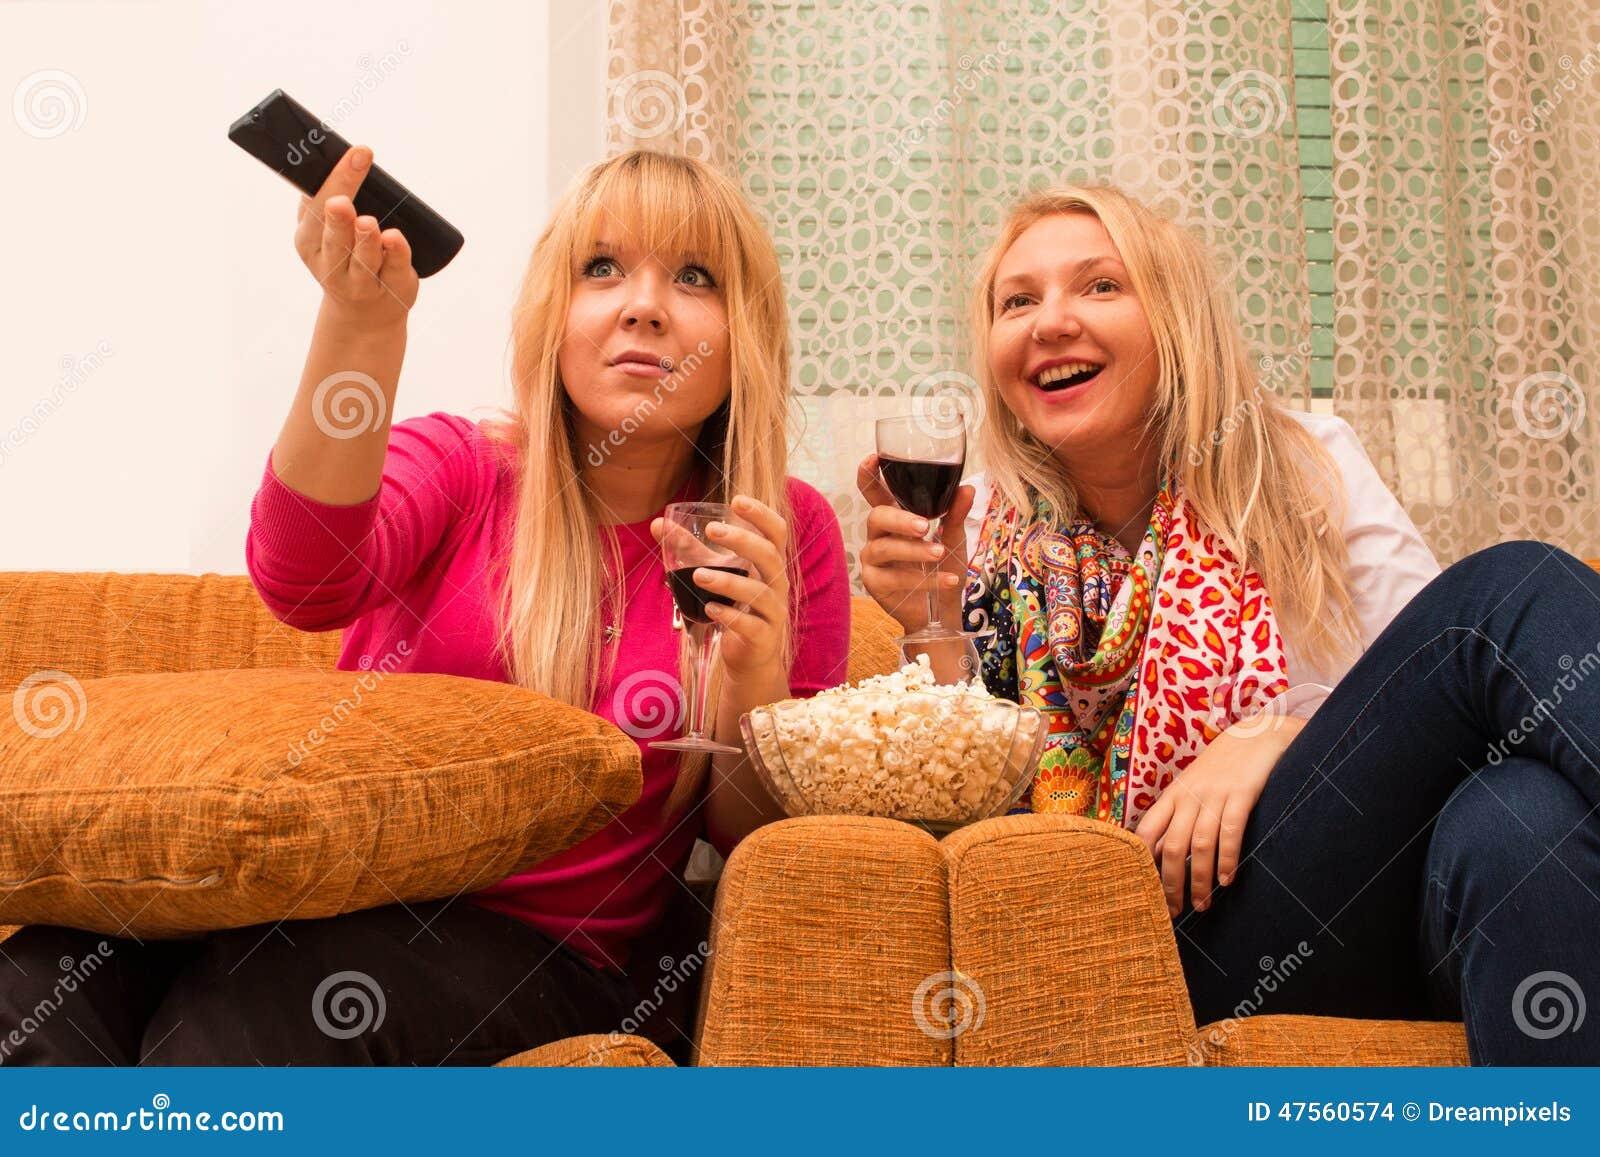 Beste vrienden die thuis op TV letten en wijn retro stijl gefiltreerd beeld drinken